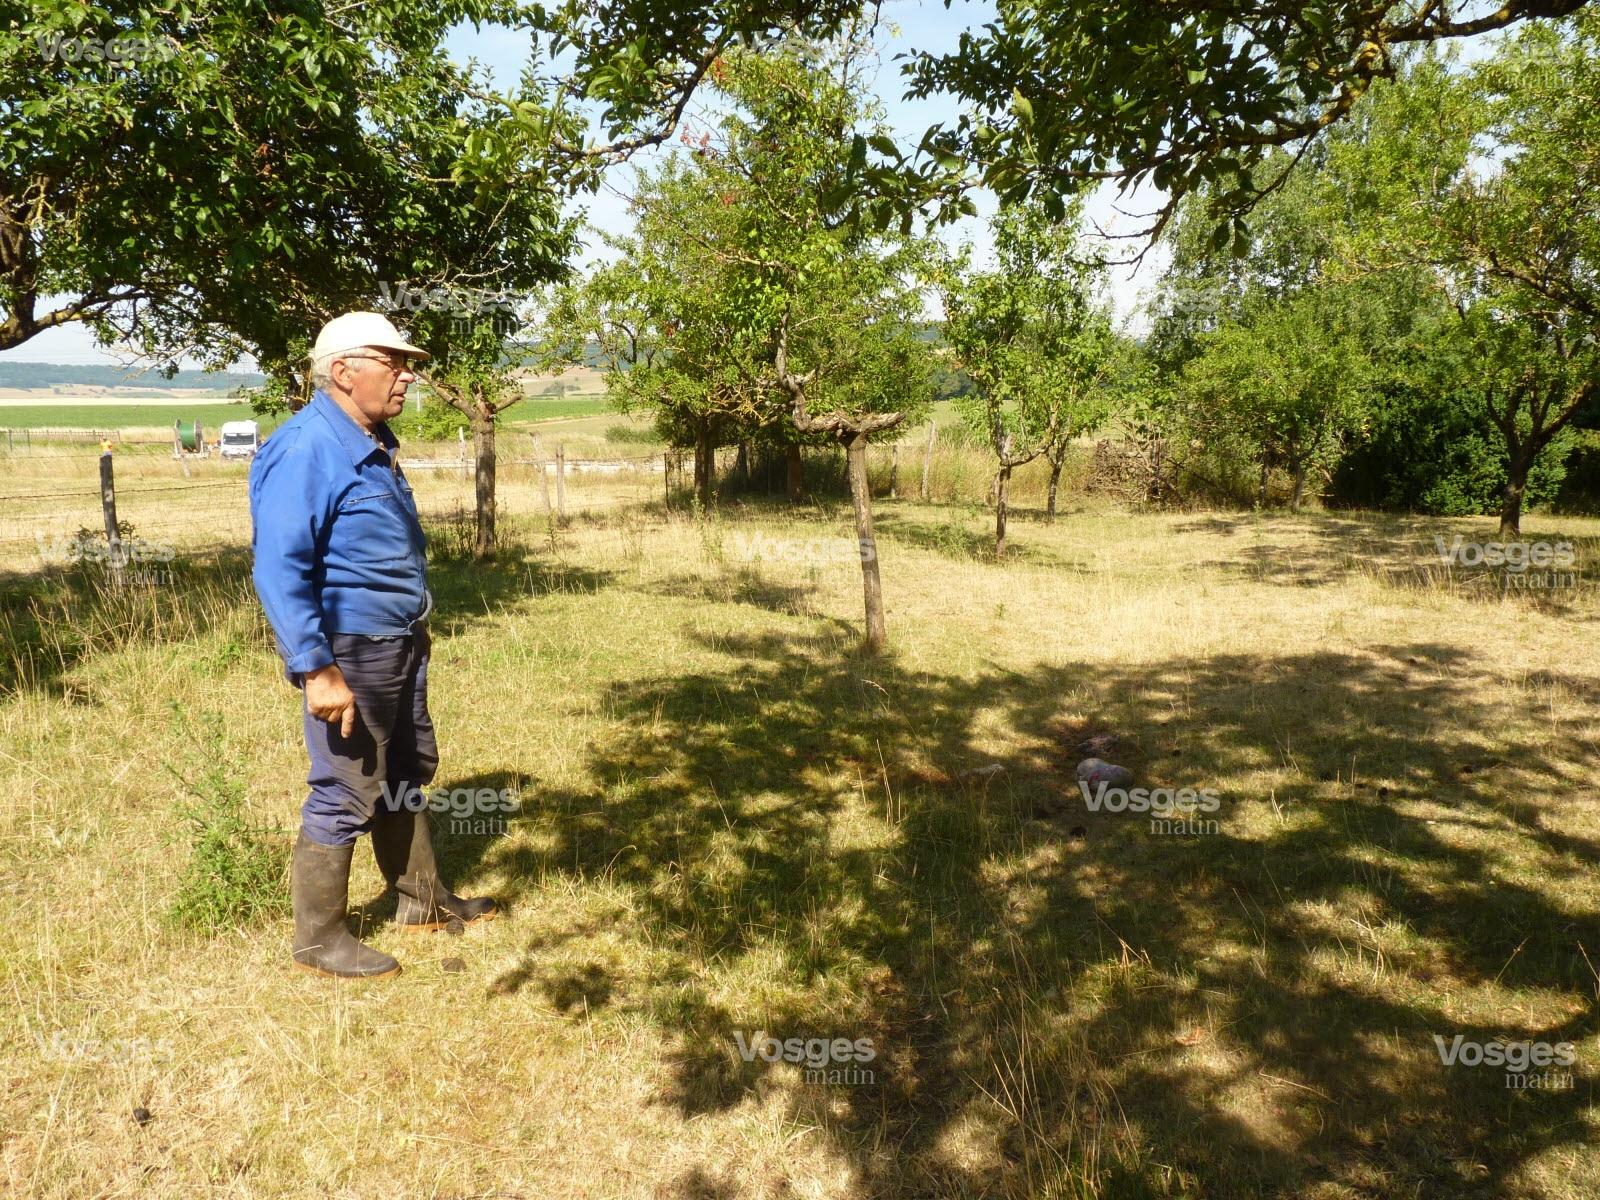 Edition de La Plaine | Photos. Punerot : le loup a attaqué la nuit dernière près des habitations